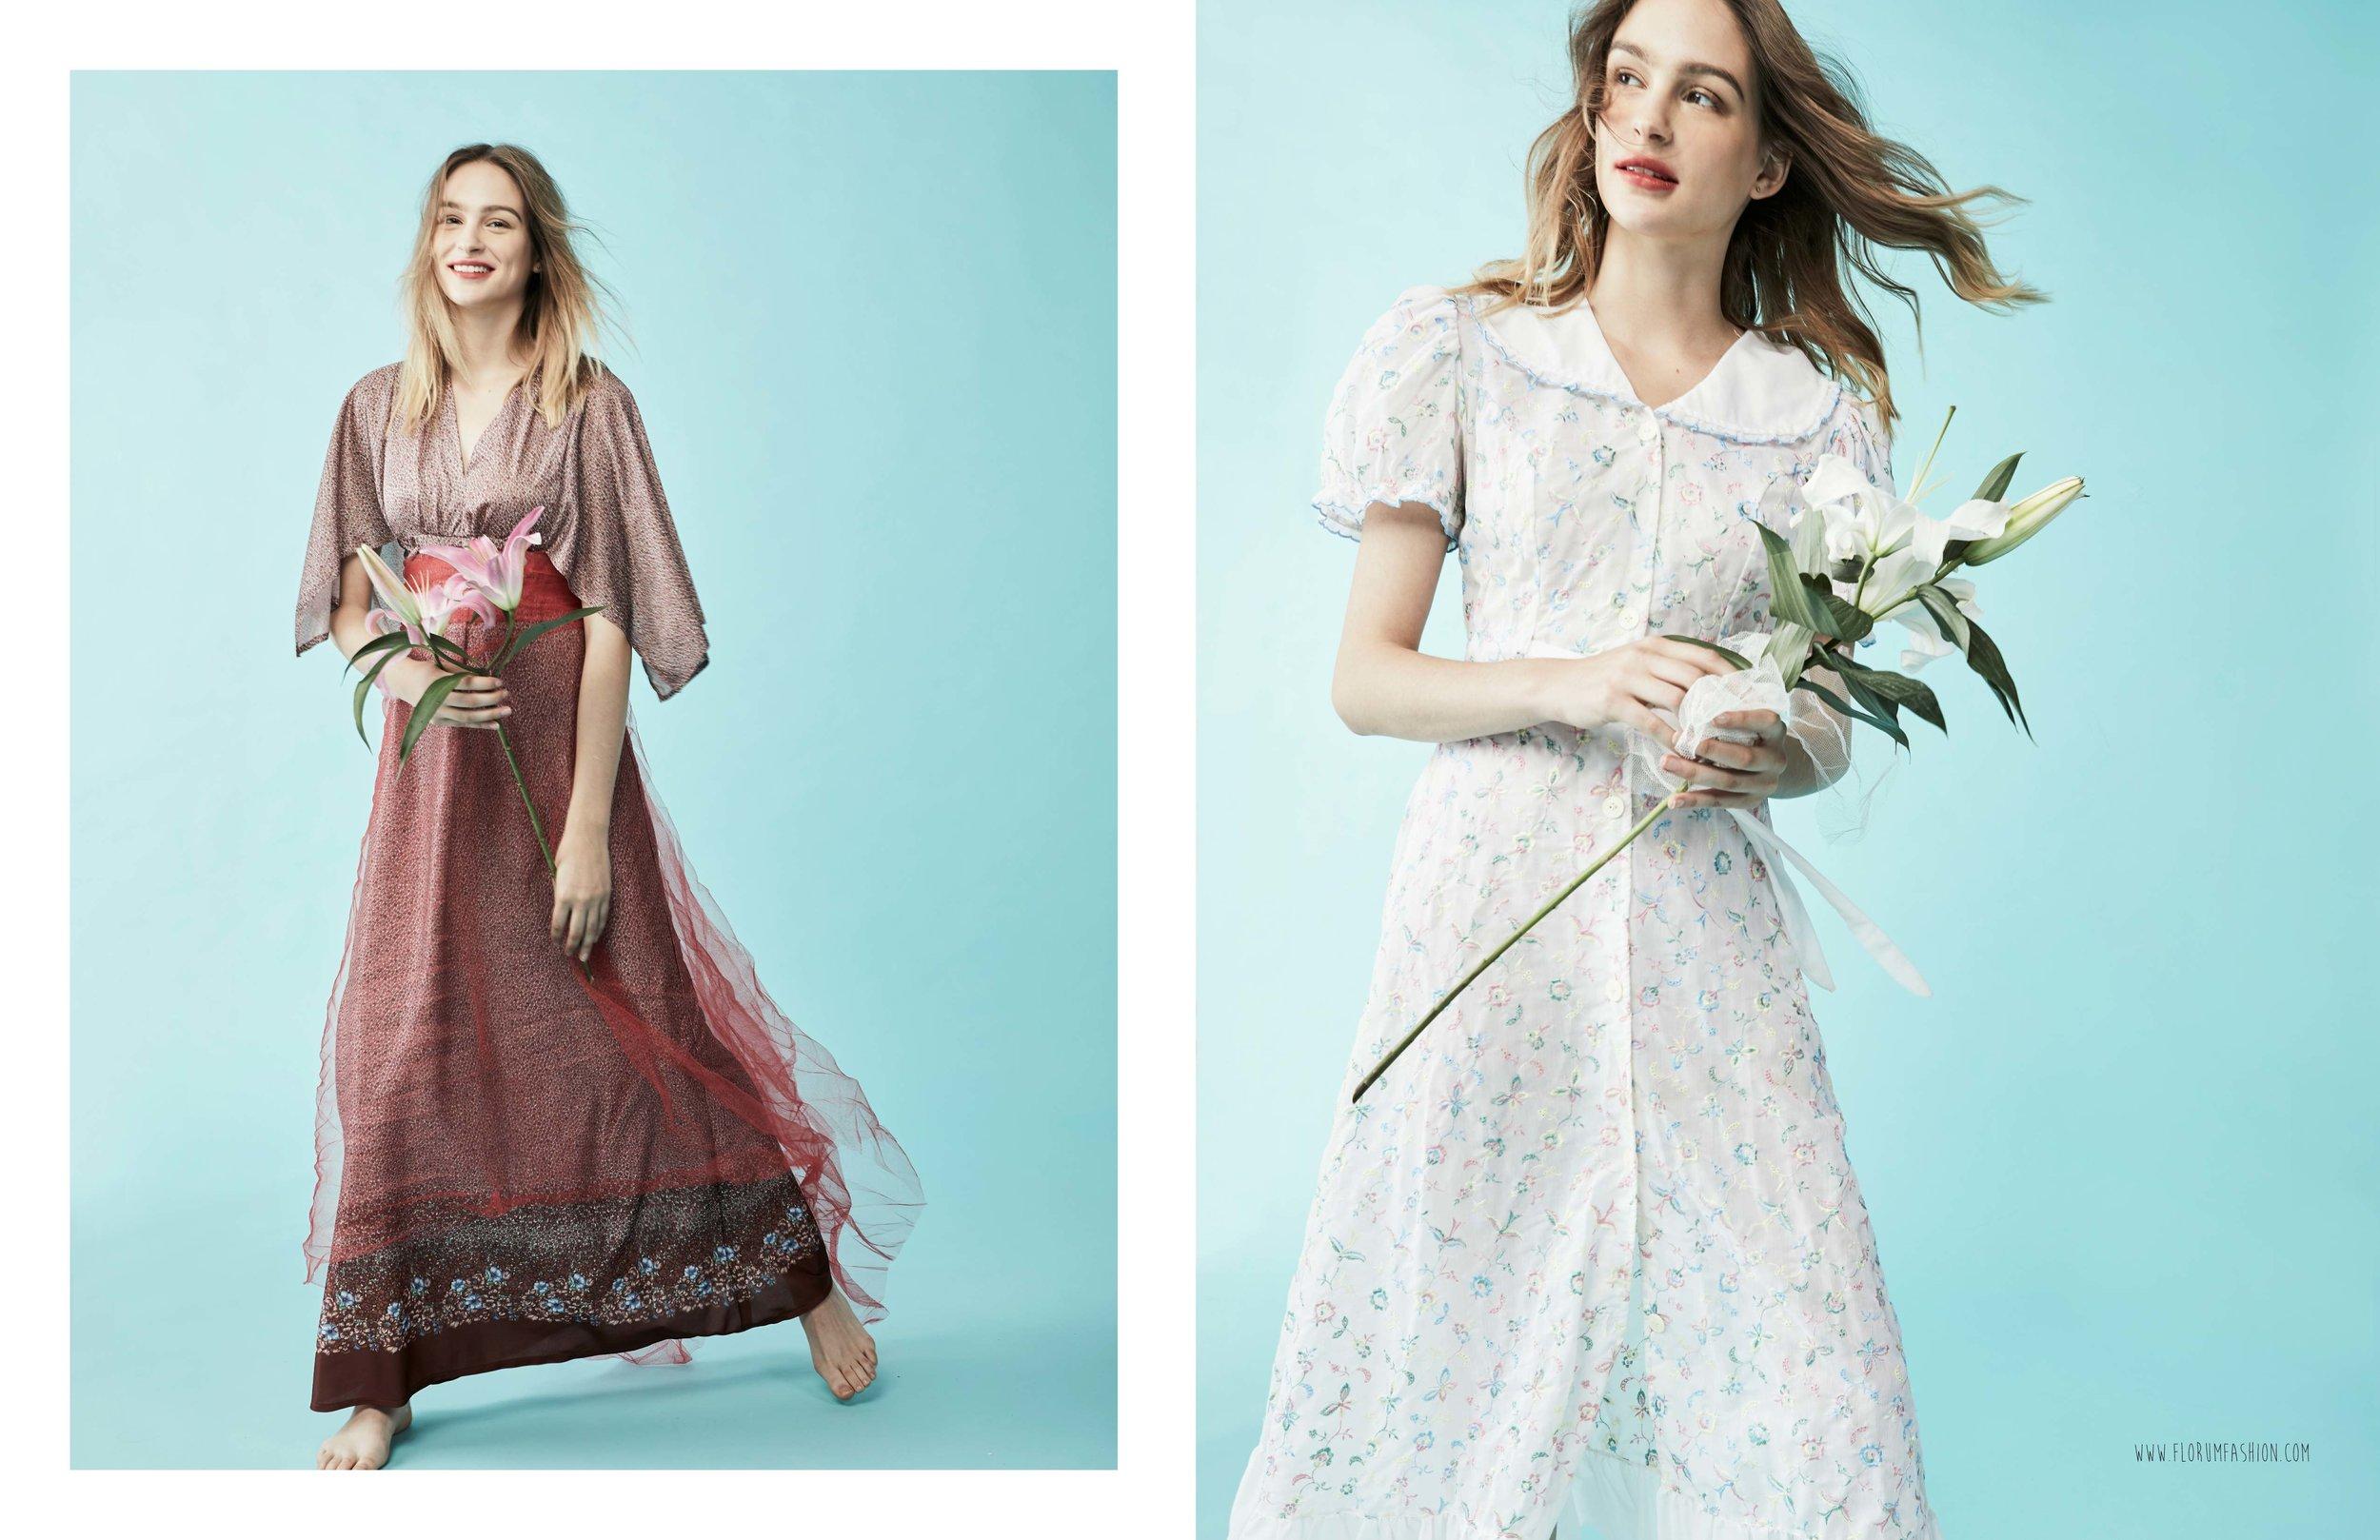 Jeter Un Coup d œil - June Ng - Florum Fashion Magazine - Jesus Rios Cozzetto - Wu Models - Vinter Vintage - Laura Sophie - Eco Friendly - Sustainable - Natural - Green